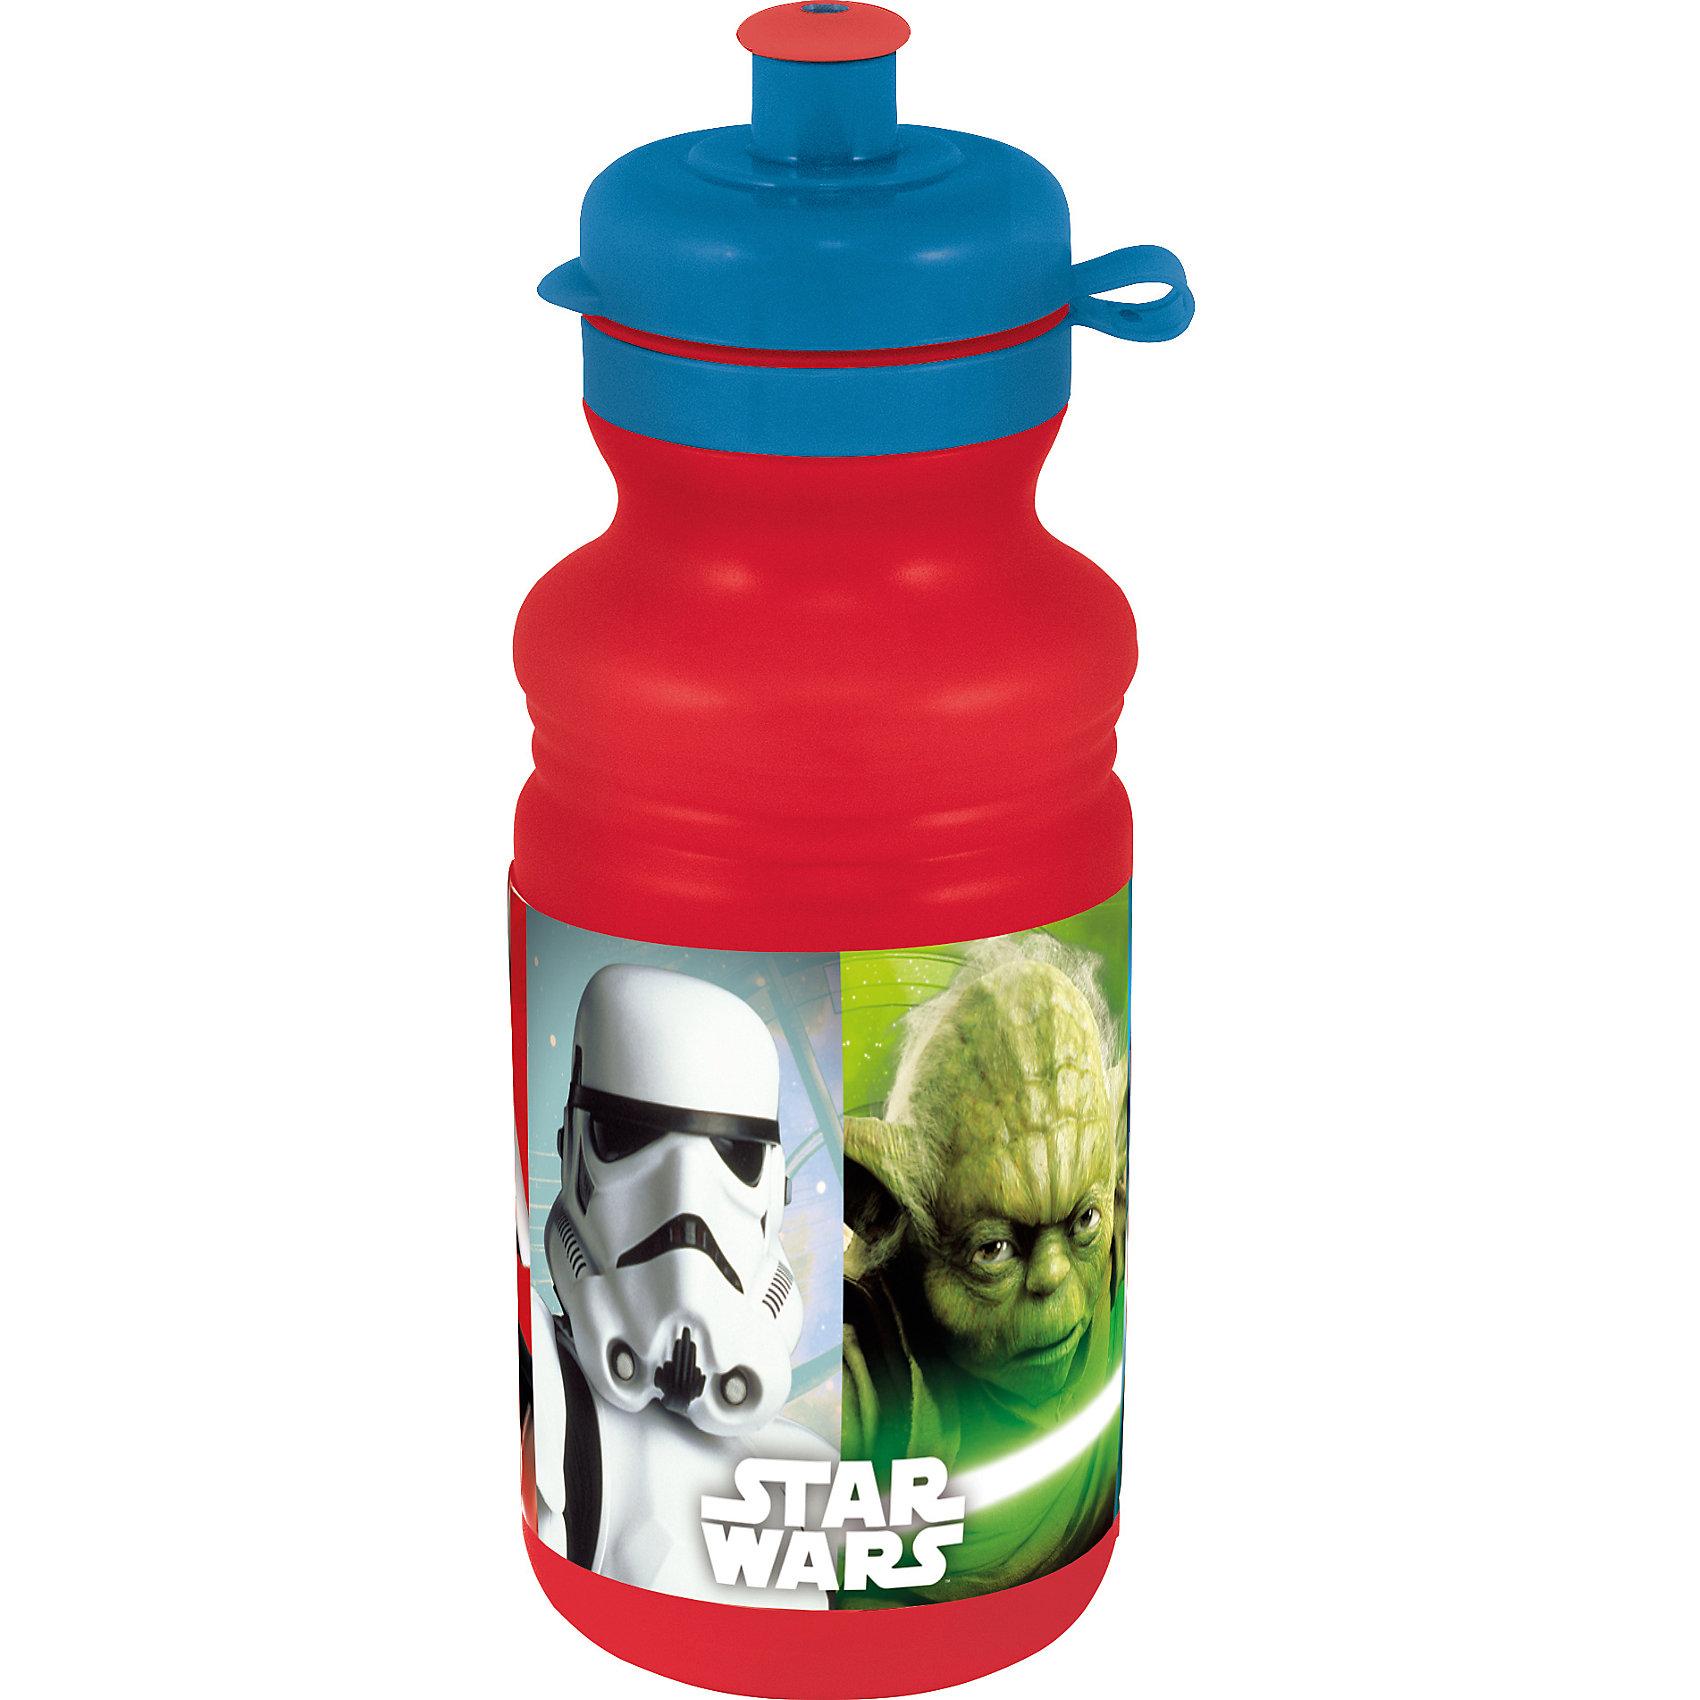 Бутылка пластиковая Звёздные войны 500 млДетская посуда<br>Характеристики товара:<br><br>• материал: пластик<br>• украшена рисунком<br>• размер: 6,5х6,5х15 см<br>• вес: 40 г<br>• объем: 500 мл<br>• страна бренда: Испания<br>• страна производства: Китай<br><br>Такая бутылка станет отличным подарком для ребенка! Она отличается тем, что на предмете изображены персонажи из фильма Звёздные войны. Есть или пить из предметов с любимым героем многих современных детей - всегда приятнее. Бутылочка очень удобна, объем оптимален для детей, сюда как раз вместится необходимый для одной тренировки объем воды. Плюс - изделие дополнено специальной крышкой. Использовать его можно и в школе, и на улице!<br>Бутылка выпущена в удобном формате, размер - универсальный. Изделие производится из качественных и проверенных материалов, которые безопасны для детей.<br><br>Бутылку пластиковую Звёздные войны 500 мл можно купить в нашем интернет-магазине.<br><br>Ширина мм: 65<br>Глубина мм: 65<br>Высота мм: 150<br>Вес г: 40<br>Возраст от месяцев: 36<br>Возраст до месяцев: 168<br>Пол: Мужской<br>Возраст: Детский<br>SKU: 5282077